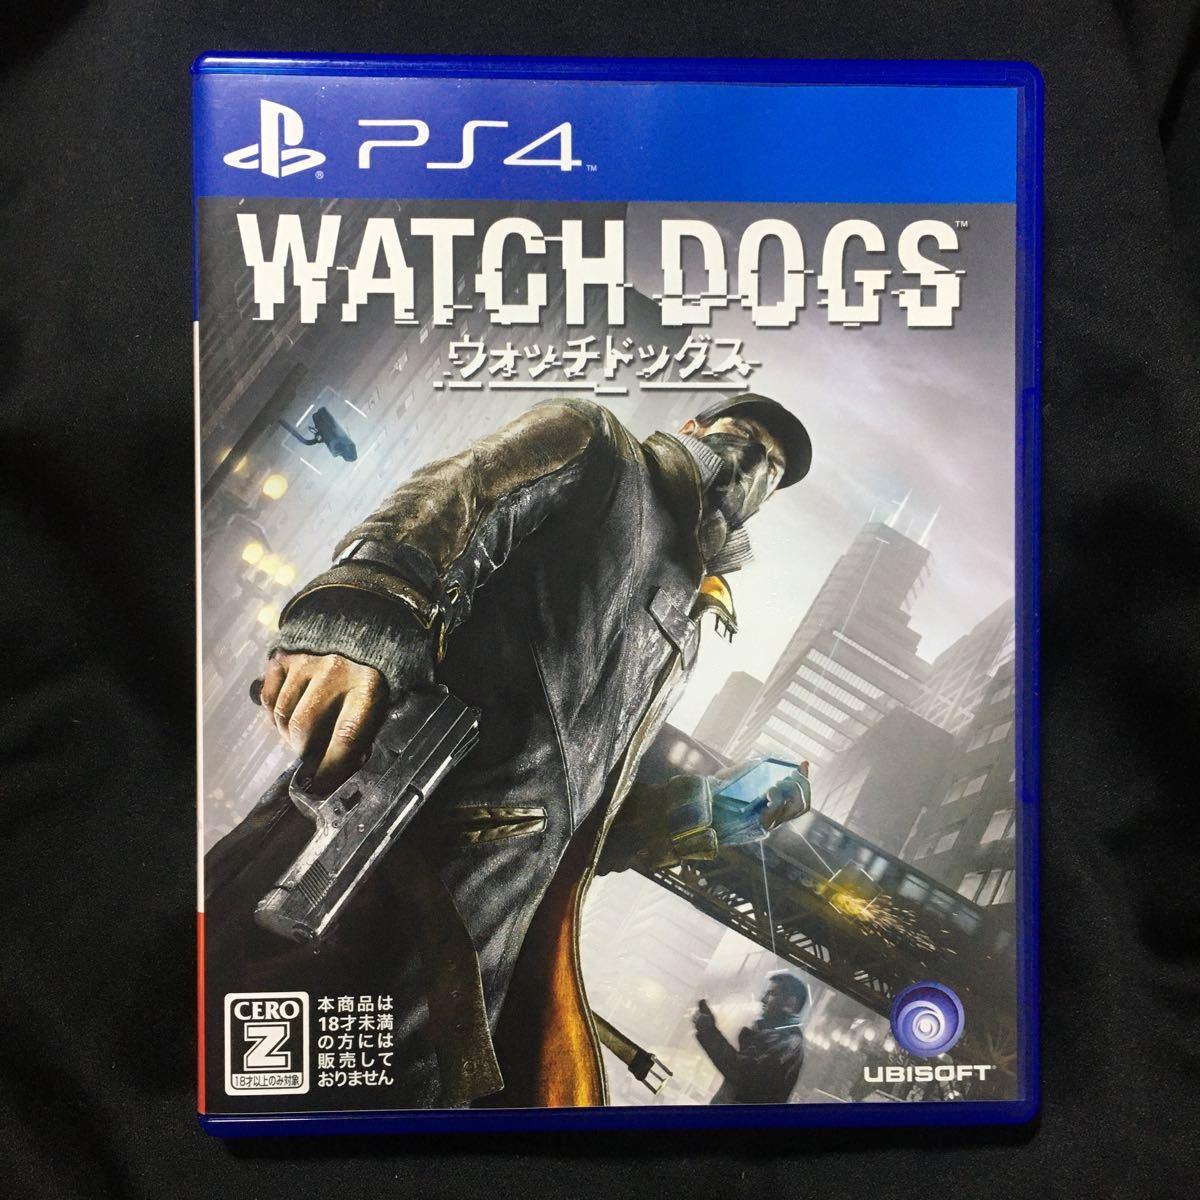 【PS4】 ウォッチドッグス [通常版]送料無料、匿名配送、当日発送可能♪